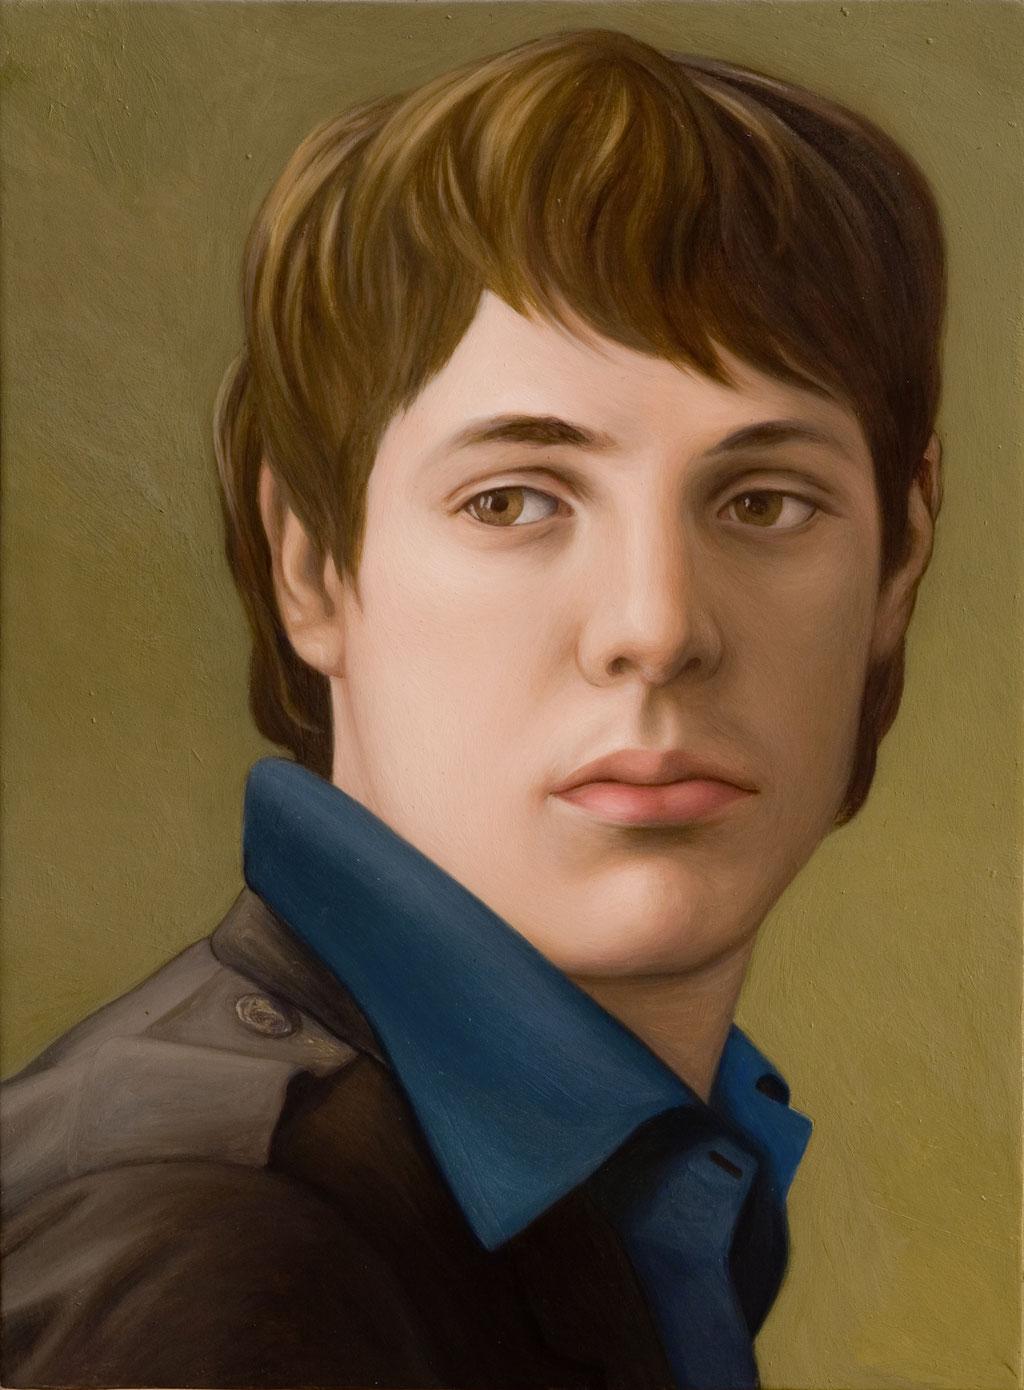 Andreas Leißner: *Selbst*, 2008, Öl/Nessel auf MDF-Platte, 37 x 27 cm